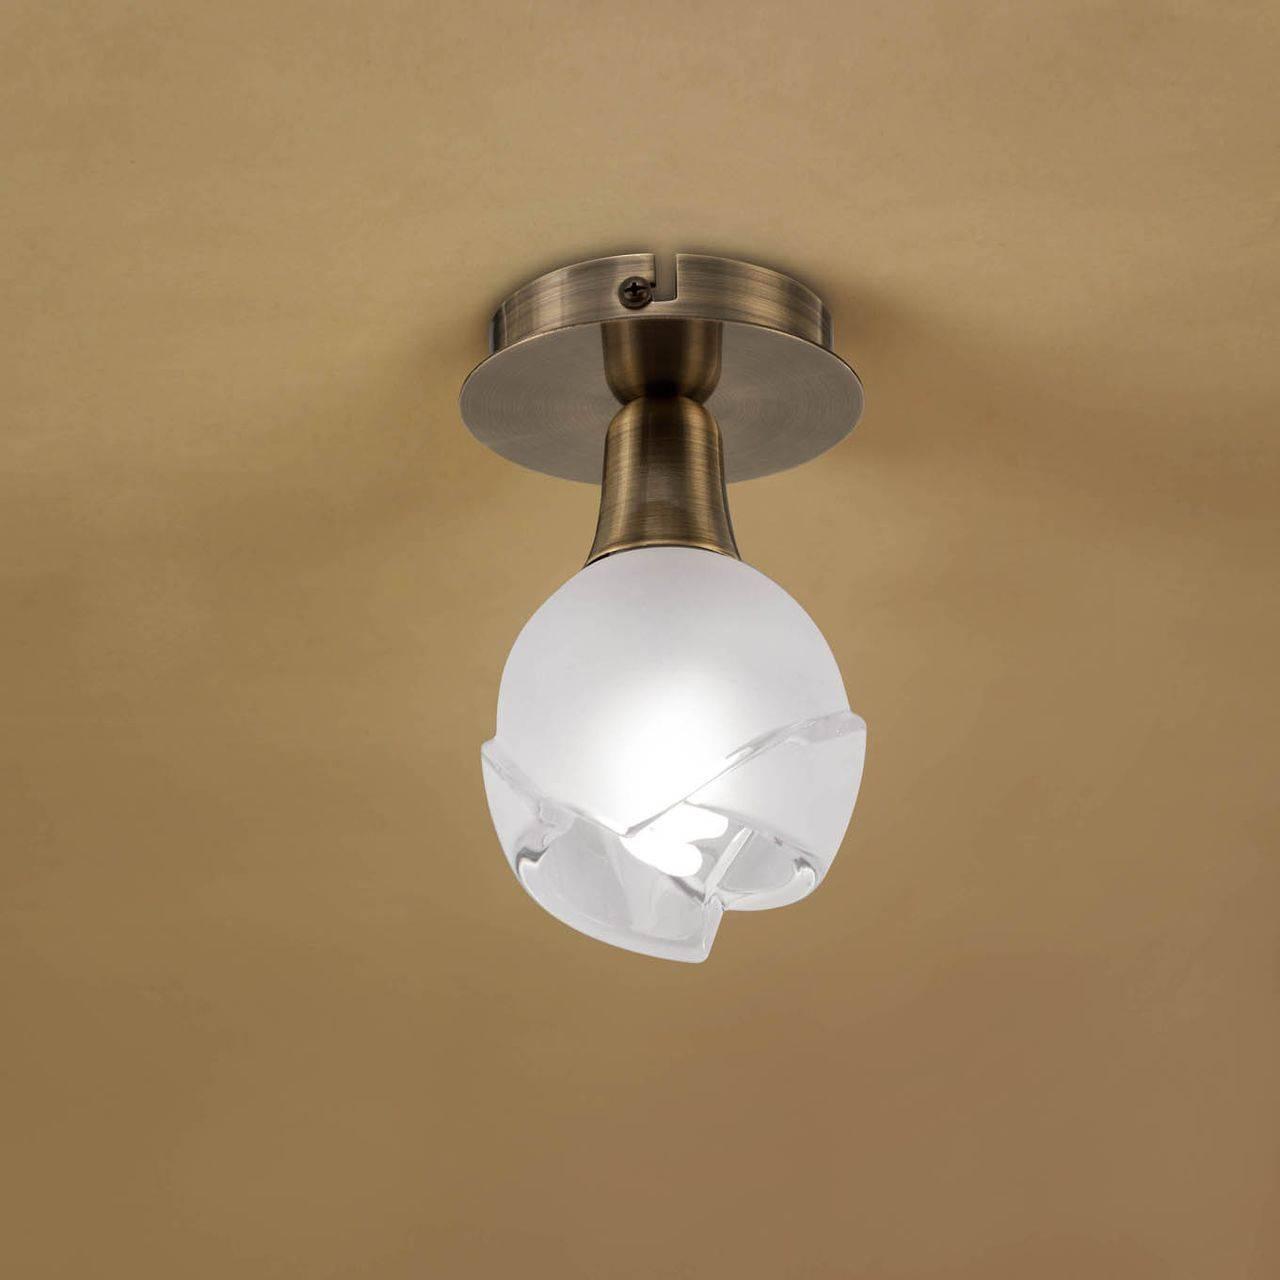 купить Потолочный светильник Mantra Bali 1222 по цене 2982 рублей